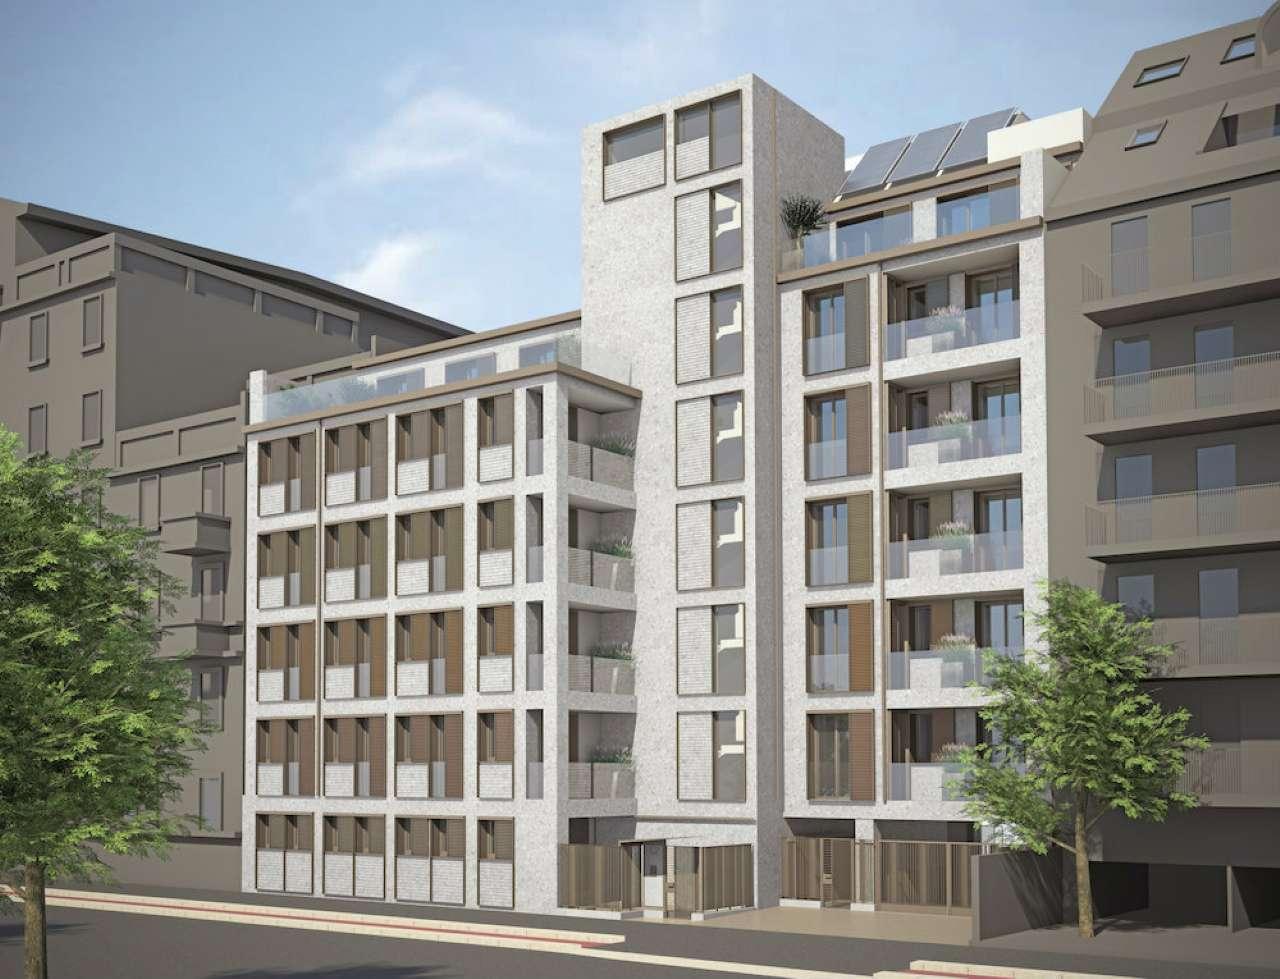 Appartamento in Vendita a Milano 17 Marghera / Wagner / Fiera: 4 locali, 163 mq